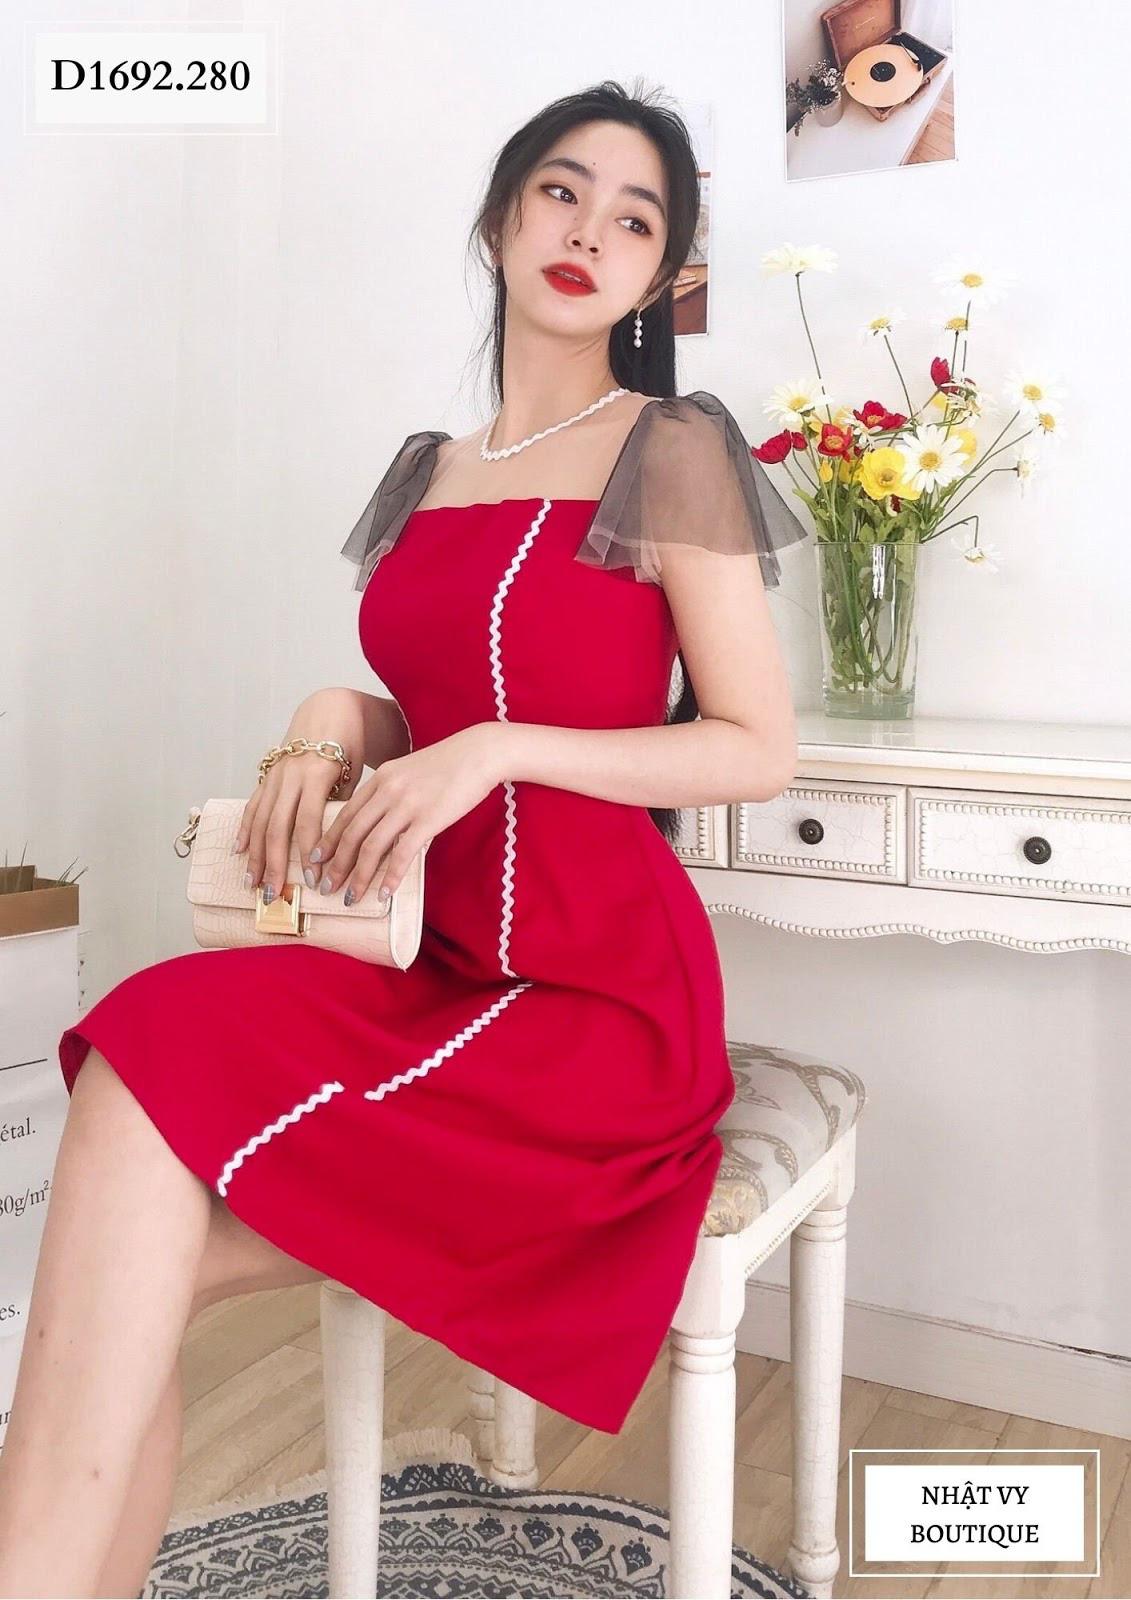 Sắm ngay váy áo ngọt ngào diện thu đông ở Nhật Vy Boutique - Ảnh 3.